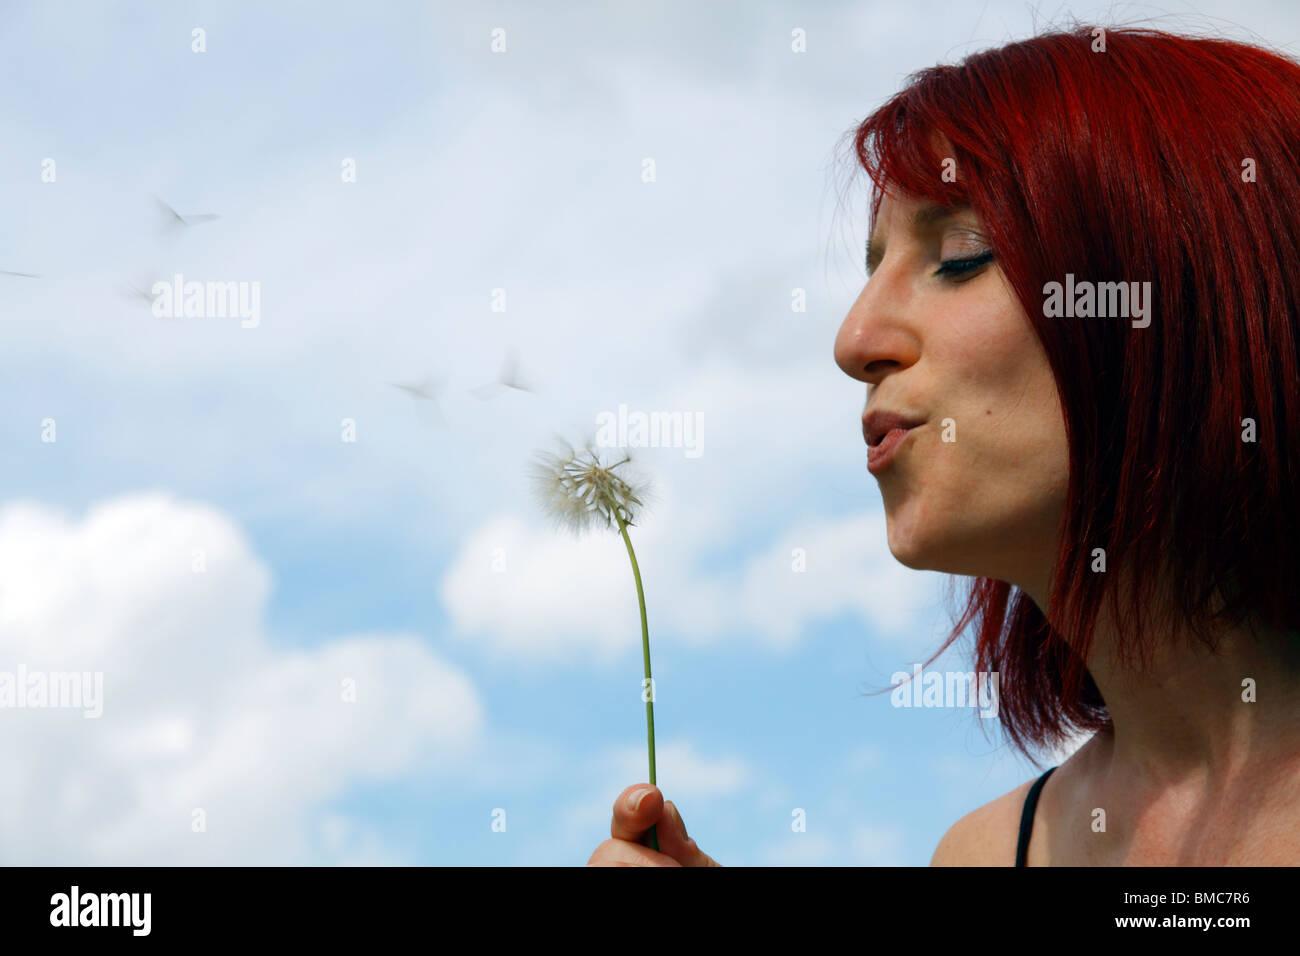 Une femme qui souffle dans un pissenlit. Photo Stock